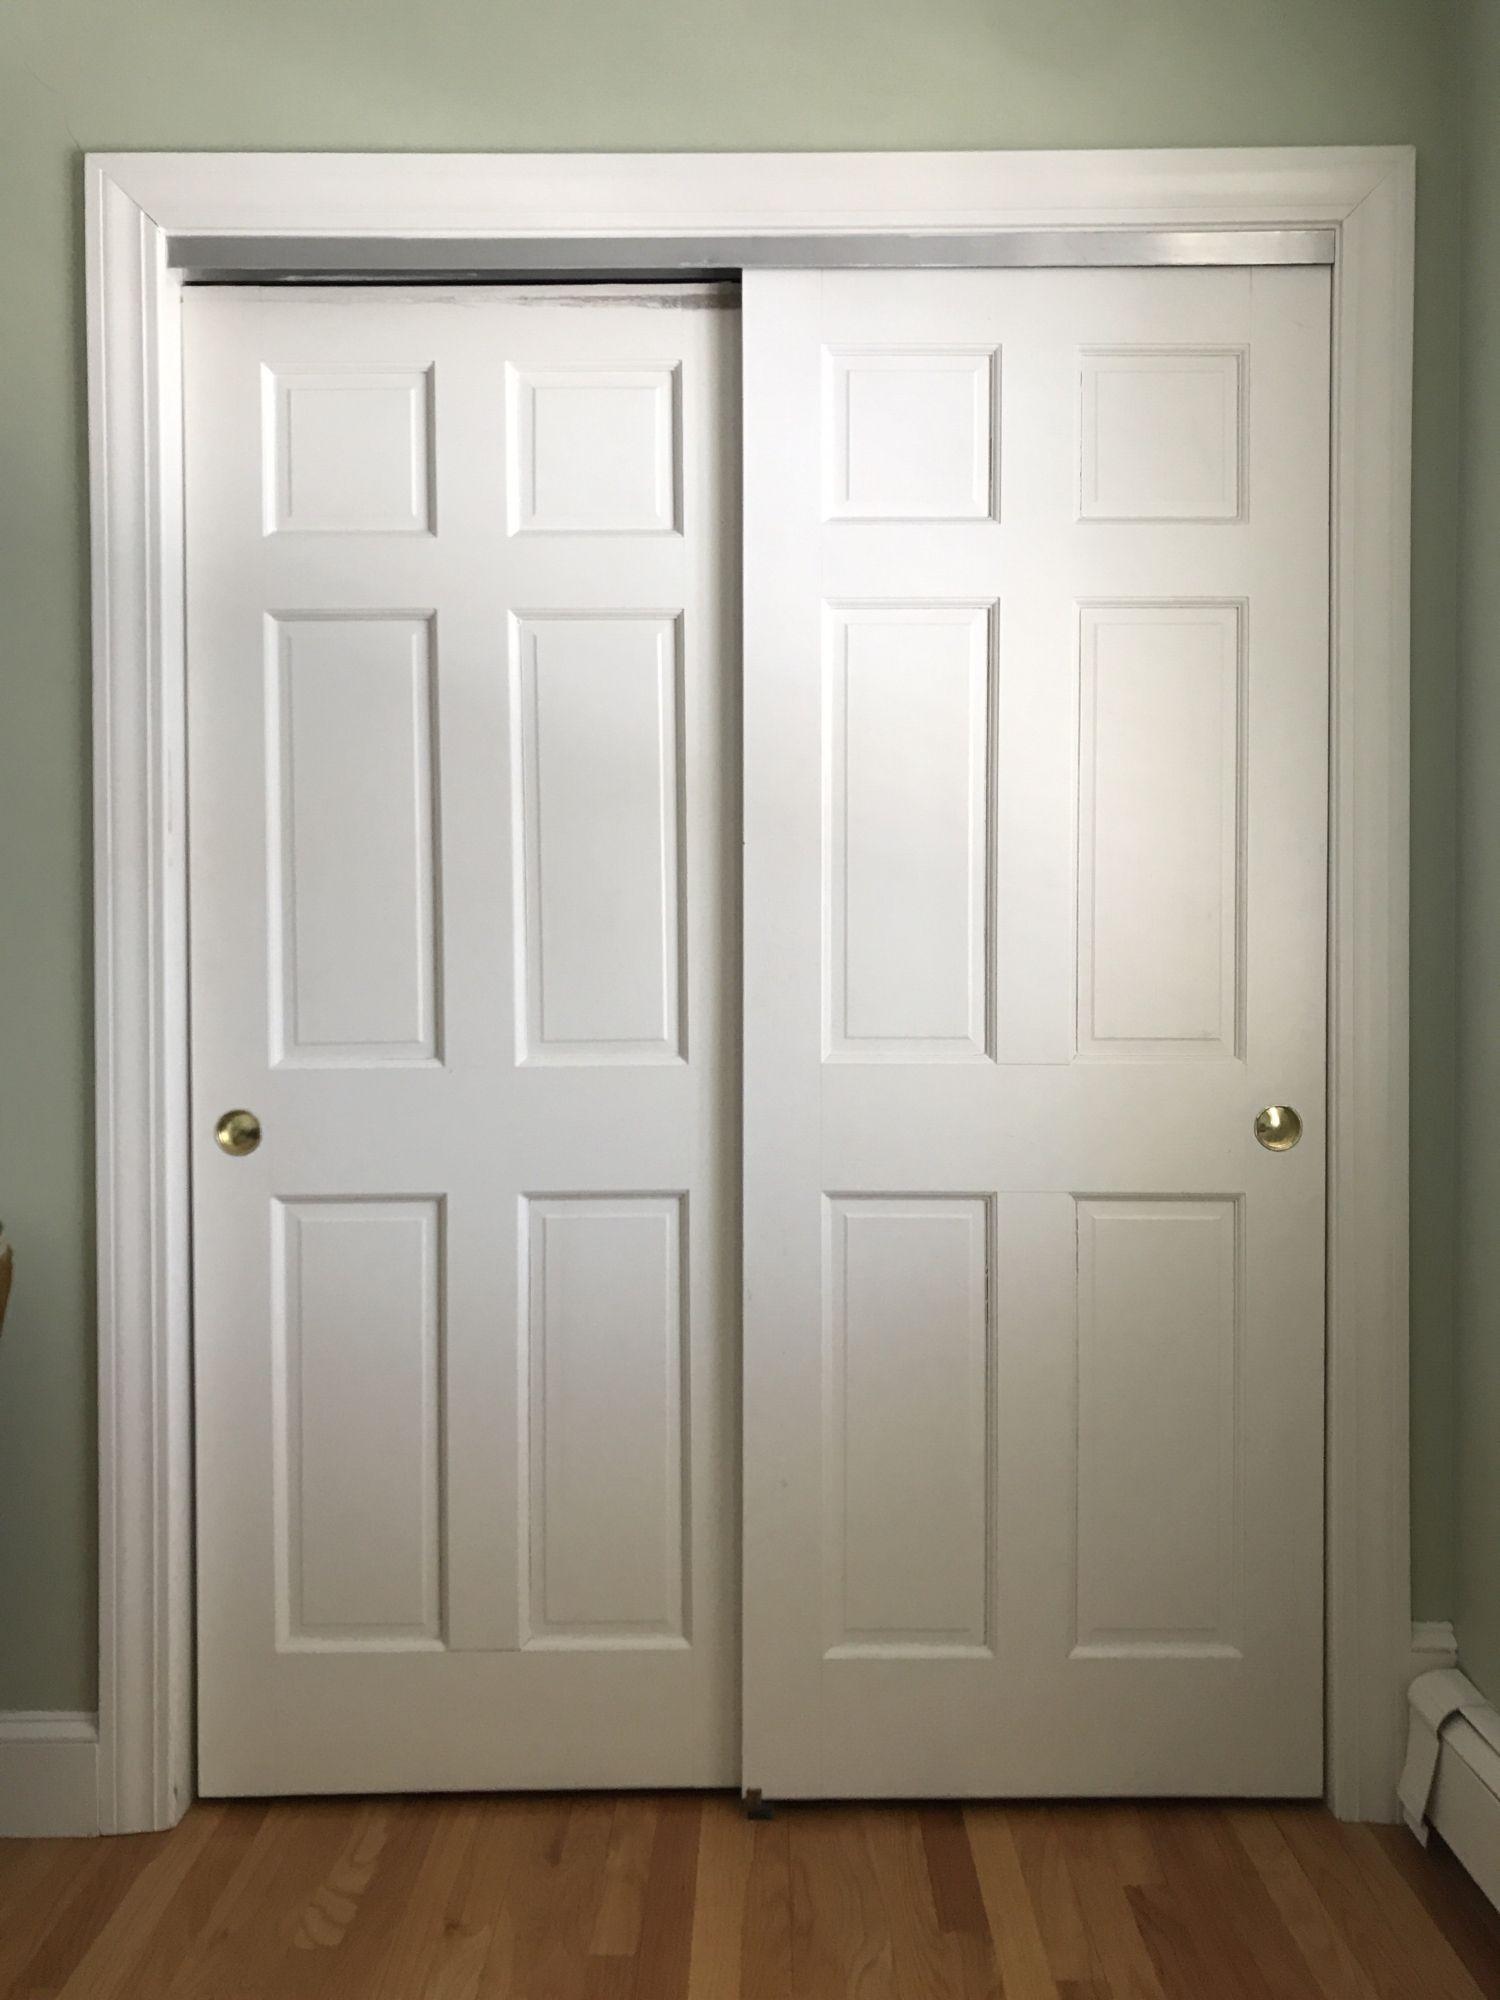 How To Convert Sliding Doors To Hinged Doors The Chronicles Of Home Closet Door Handles Bifold Closet Doors Sliding Closet Doors